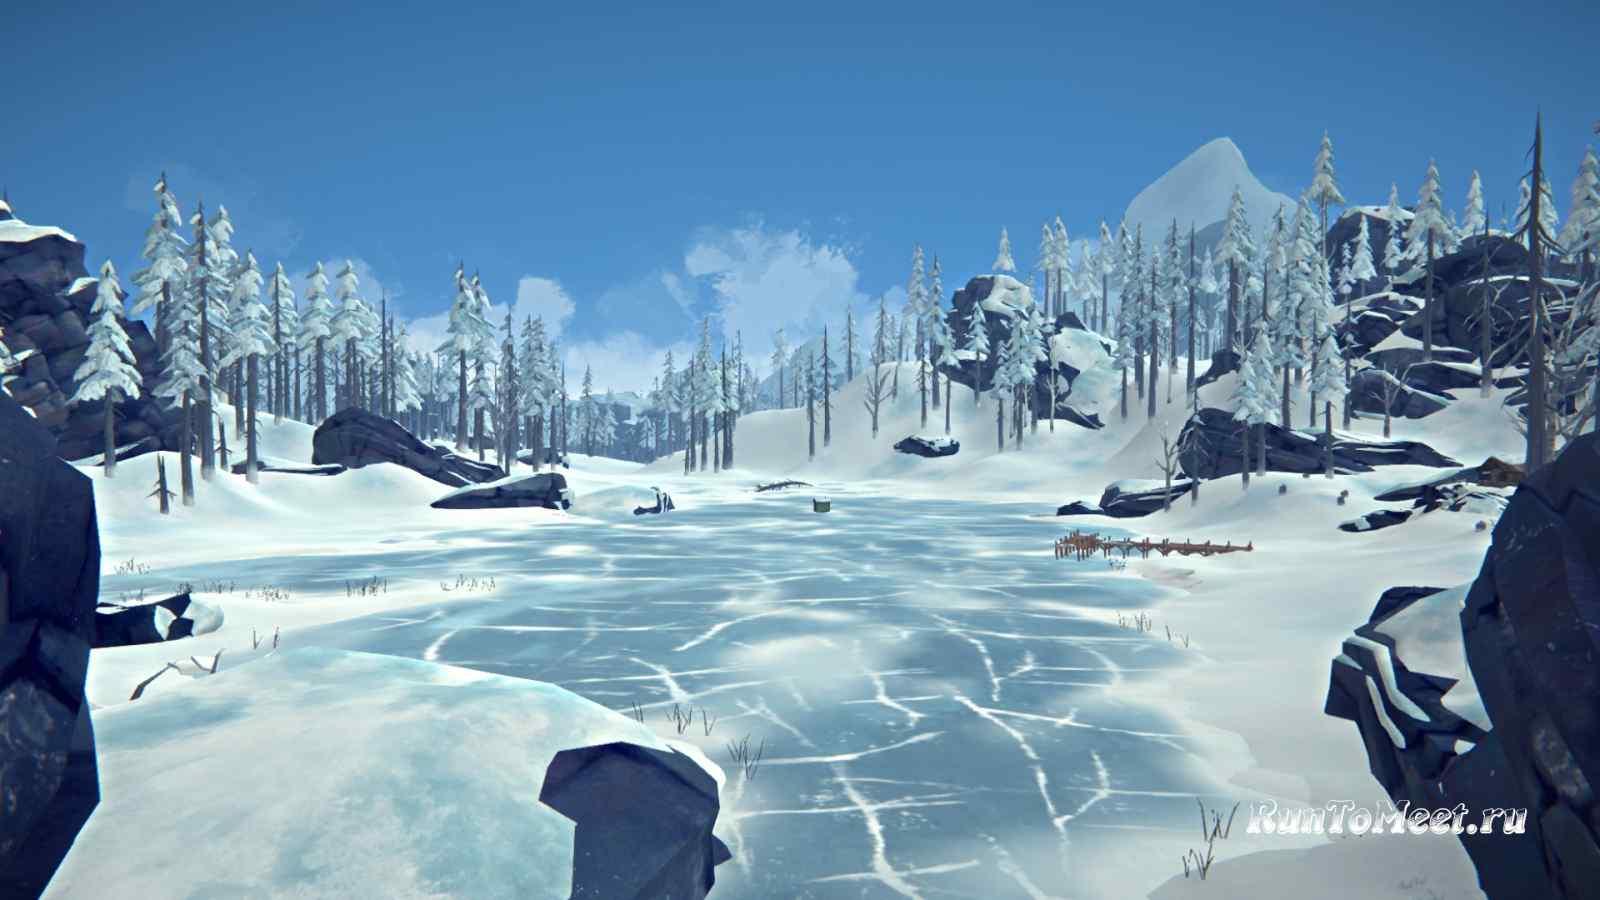 Кристальное озеро на Волчьей горе, в игре The long dark